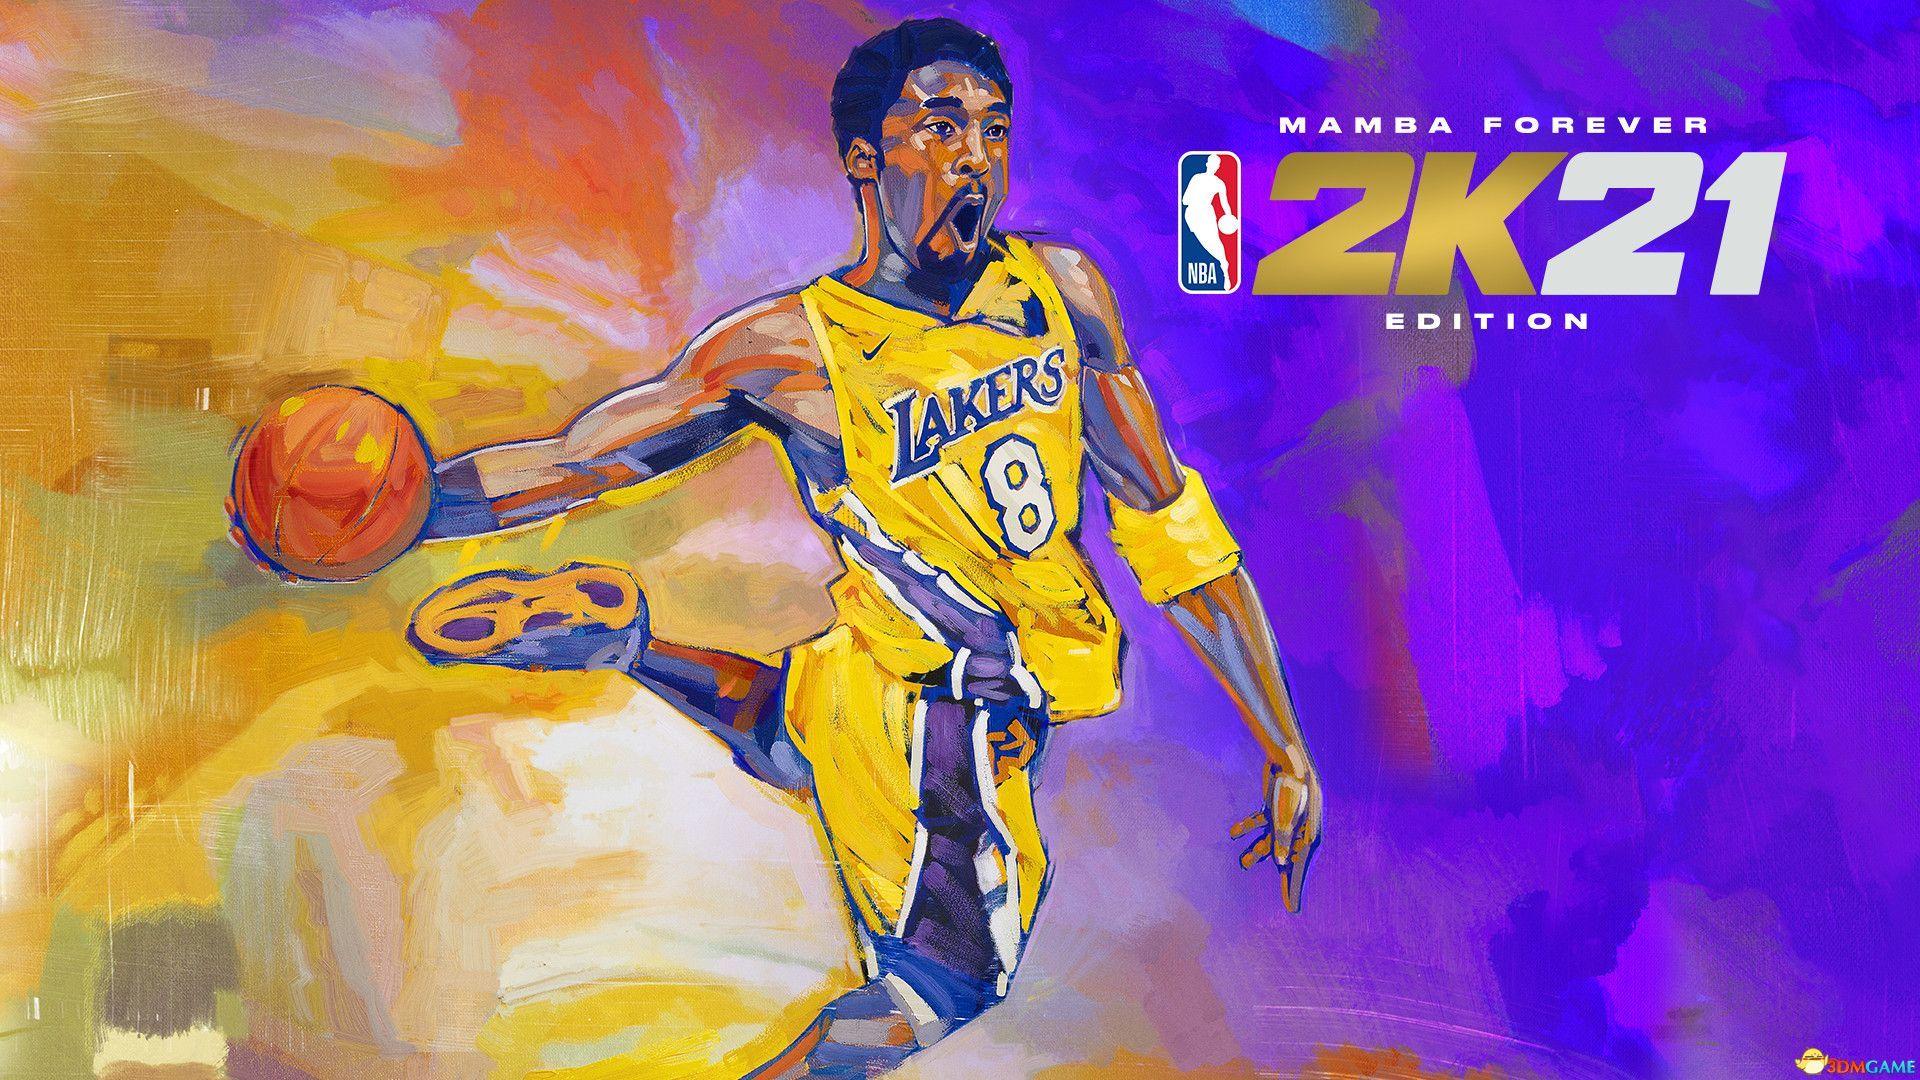 《NBA2K21》新增内容及改动内容详解 操作技巧及玩法心得总汇